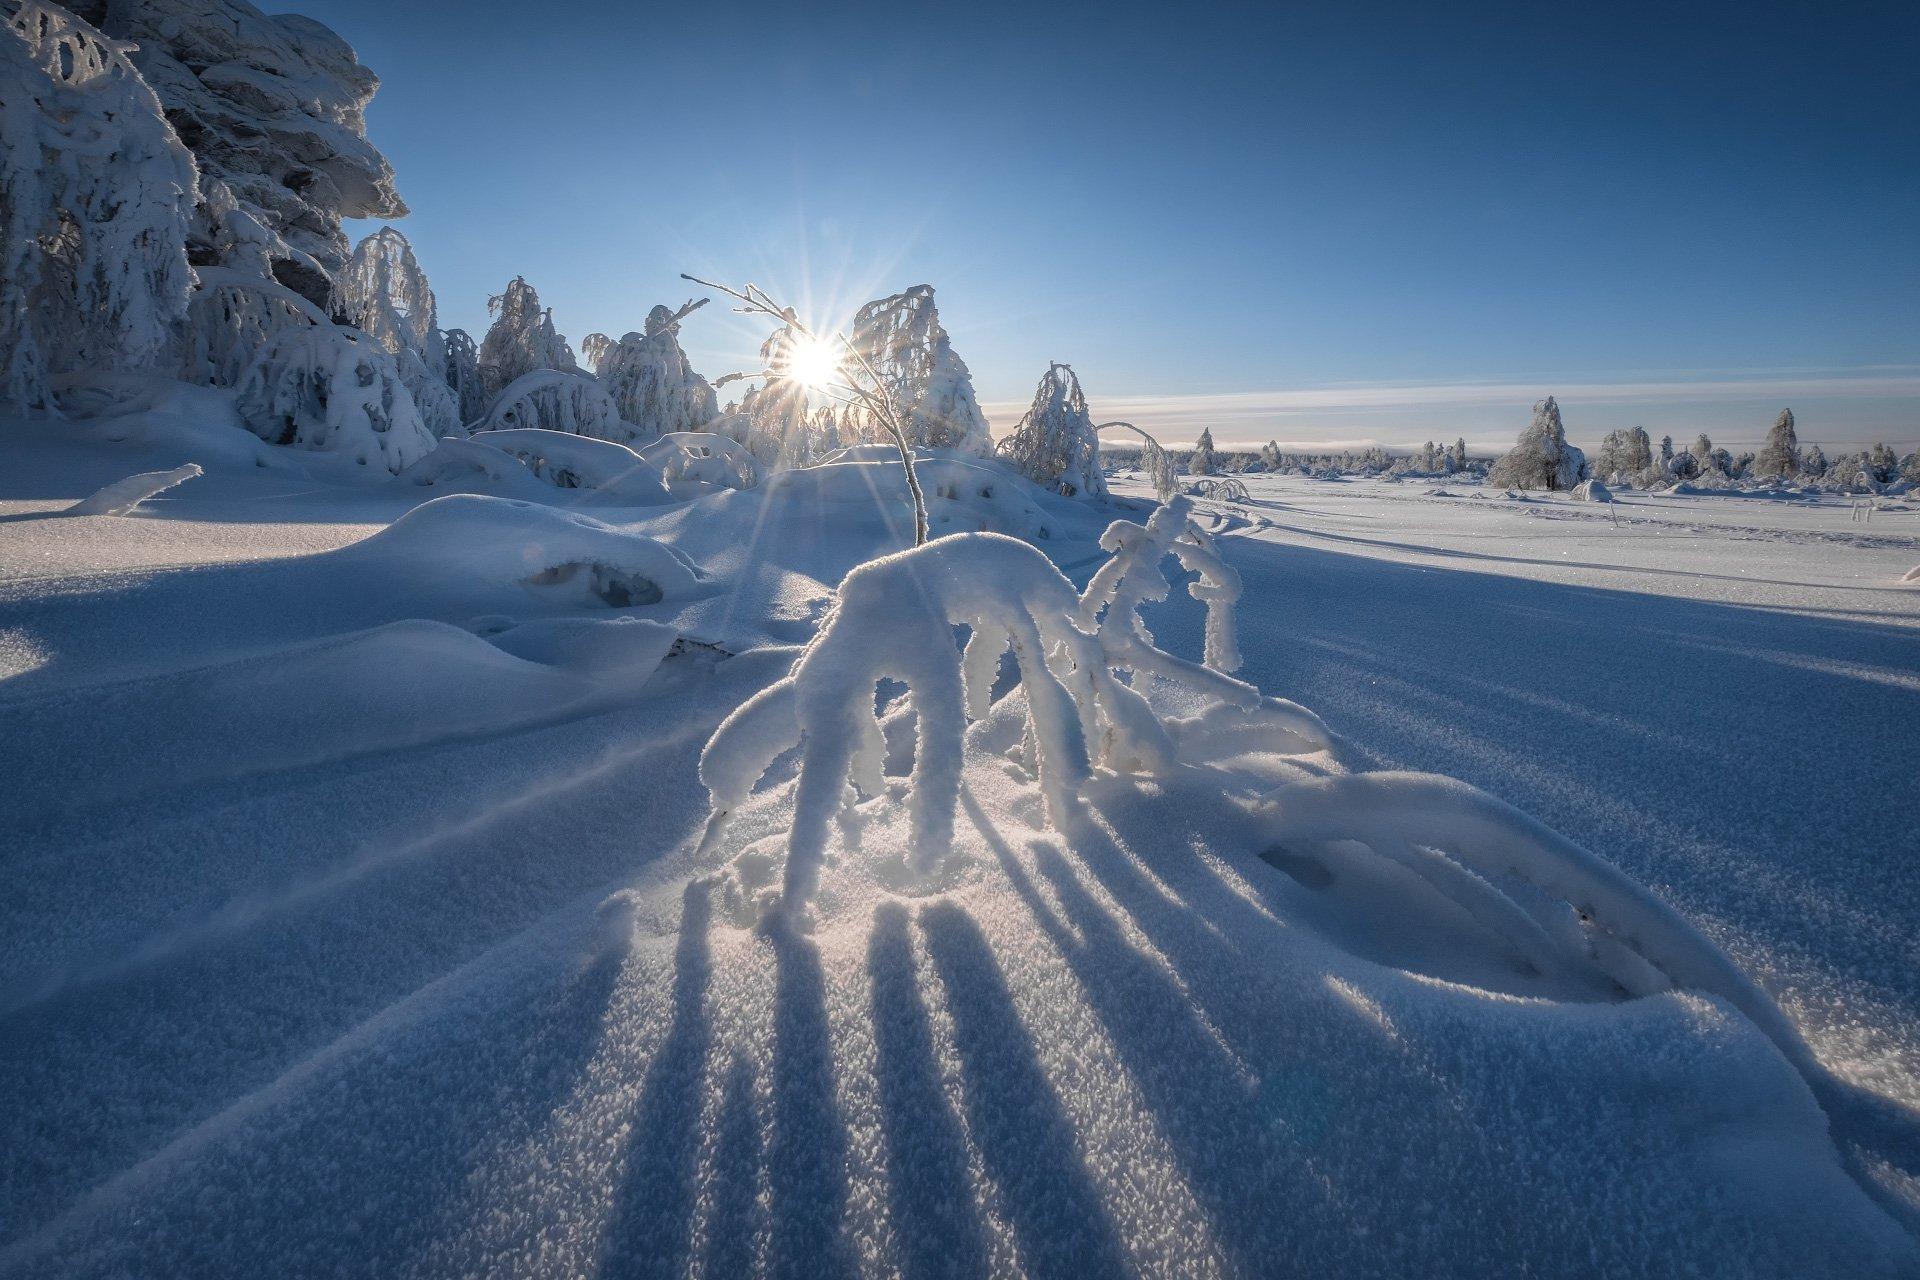 зима, снег, урал, губаха, горы, сказка, холод, мороз, солнце, деревья, скалы, лес, Андрей Чиж